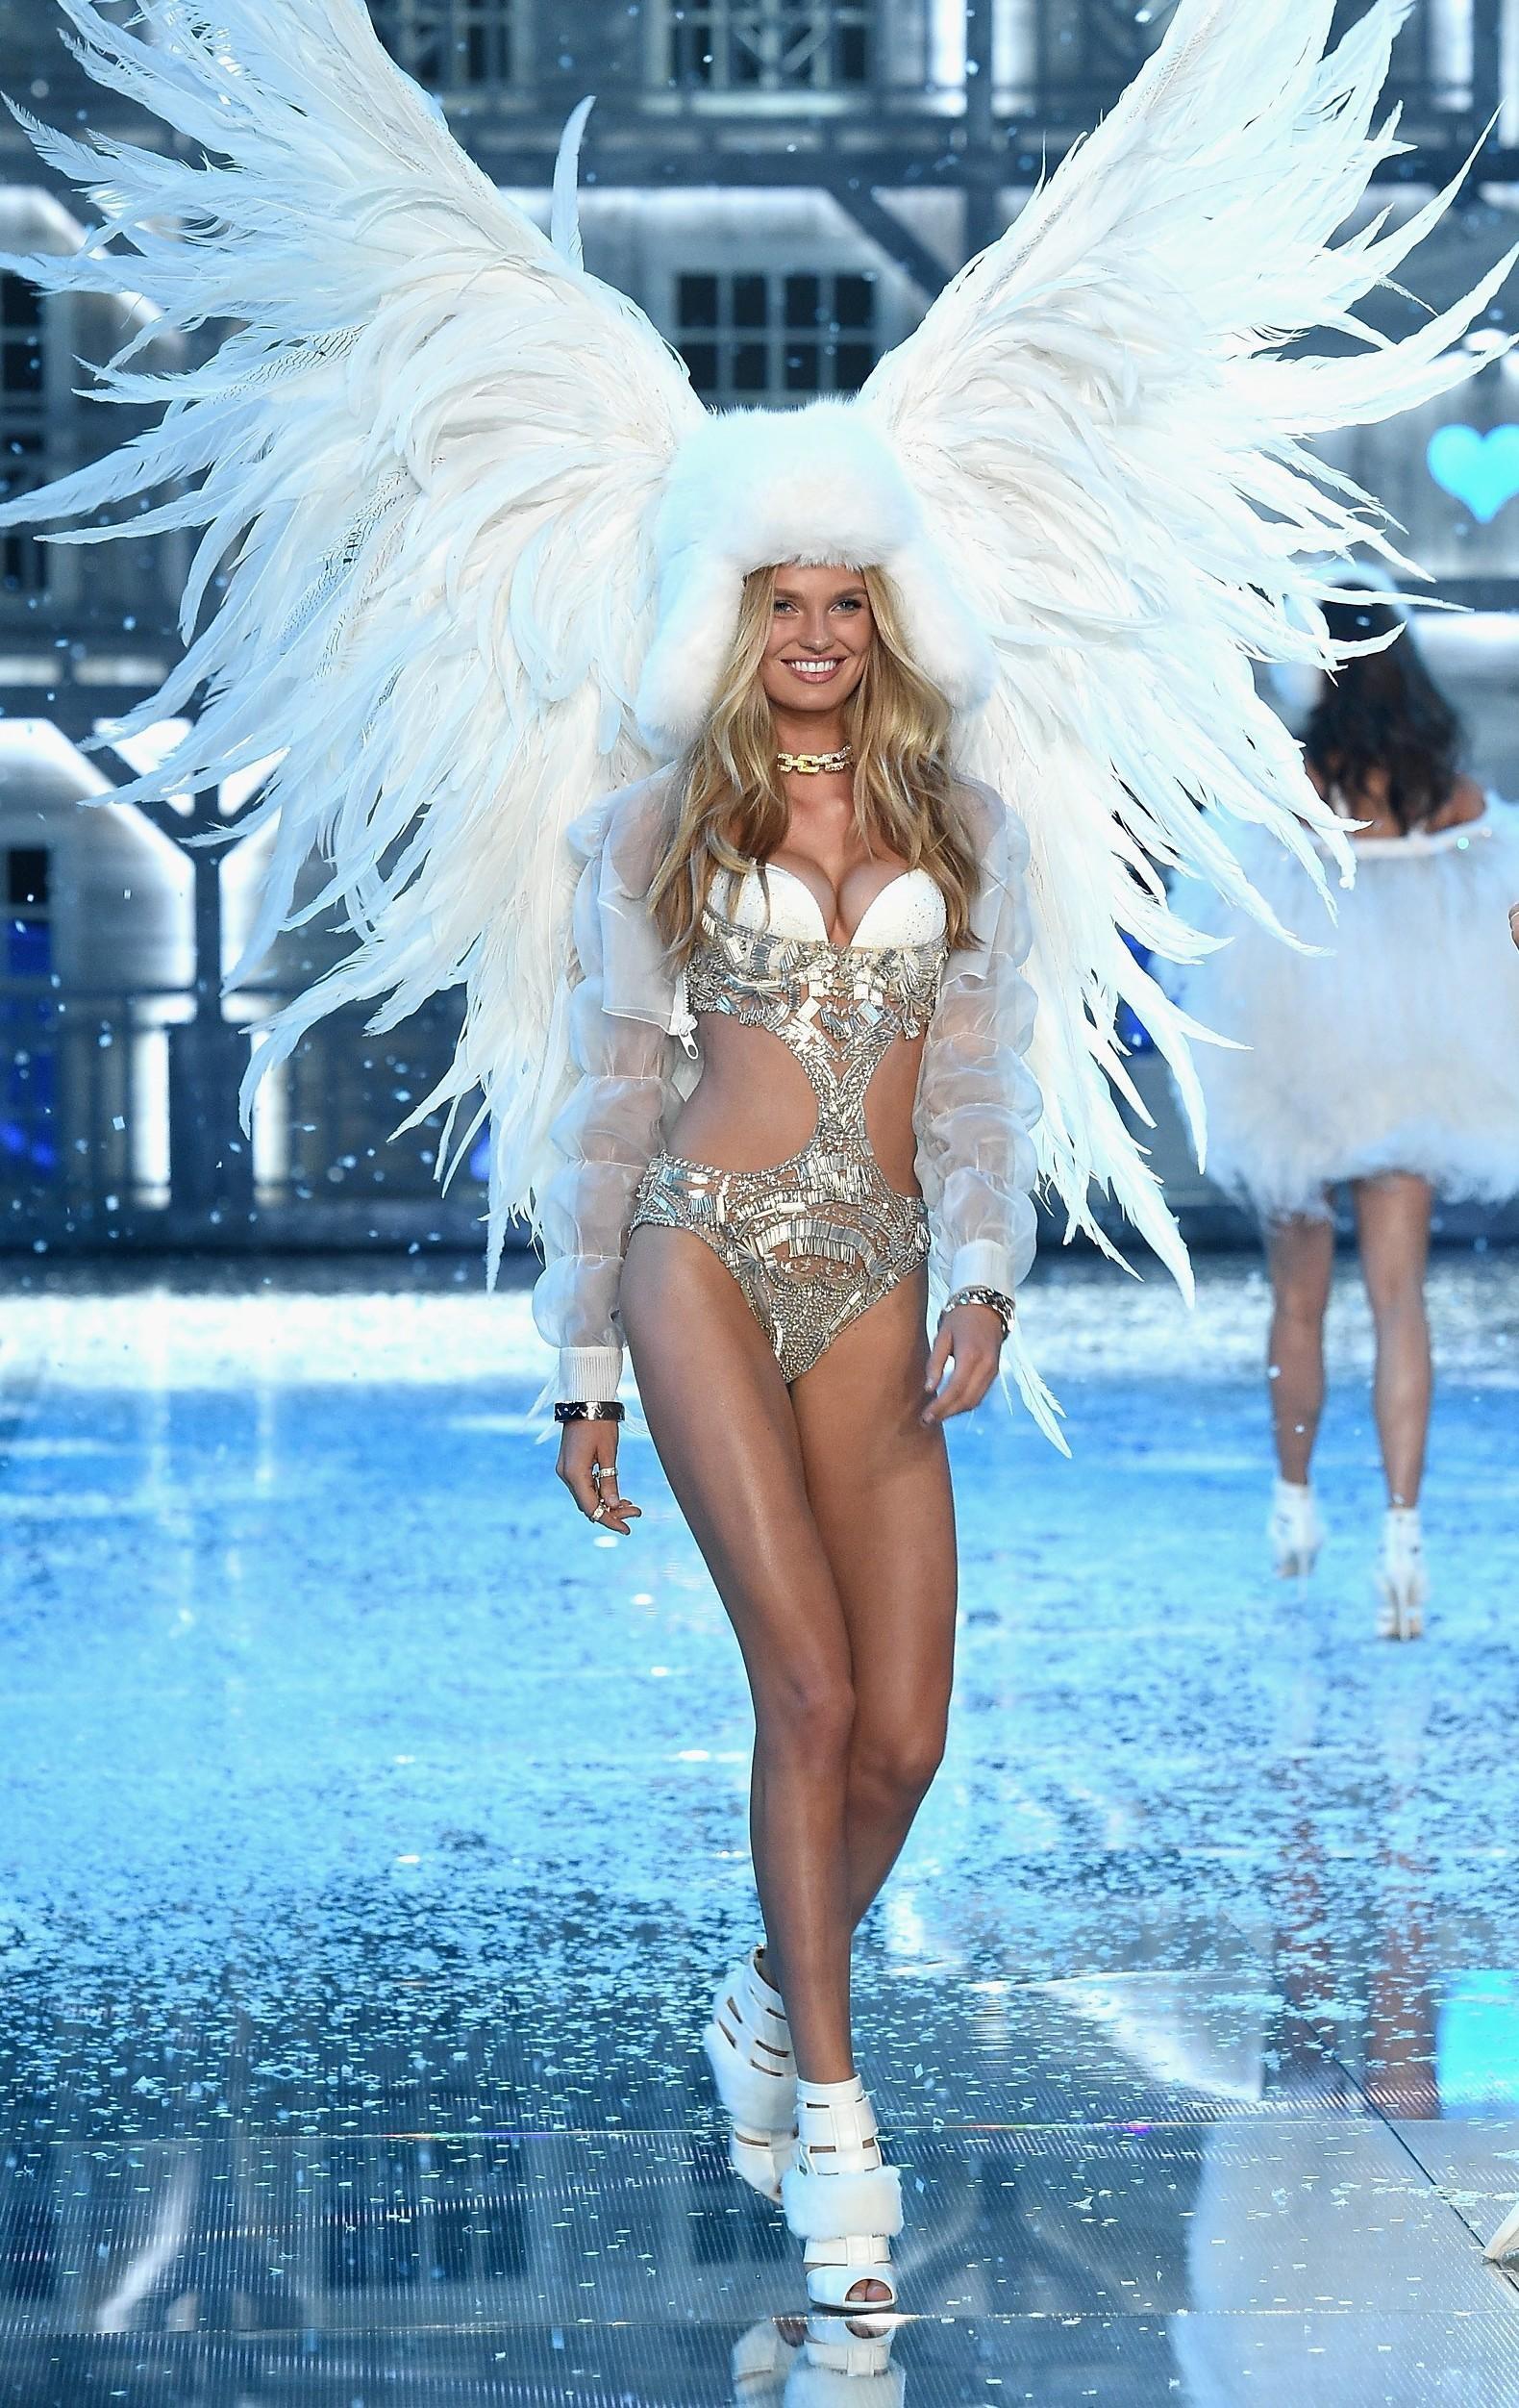 Định lý của Victorias Secret: Đôi cánh không tự nhiên sinh ra hay mất đi, chỉ đổi từ Thiên thần này sang Thiên thần khác - Ảnh 3.